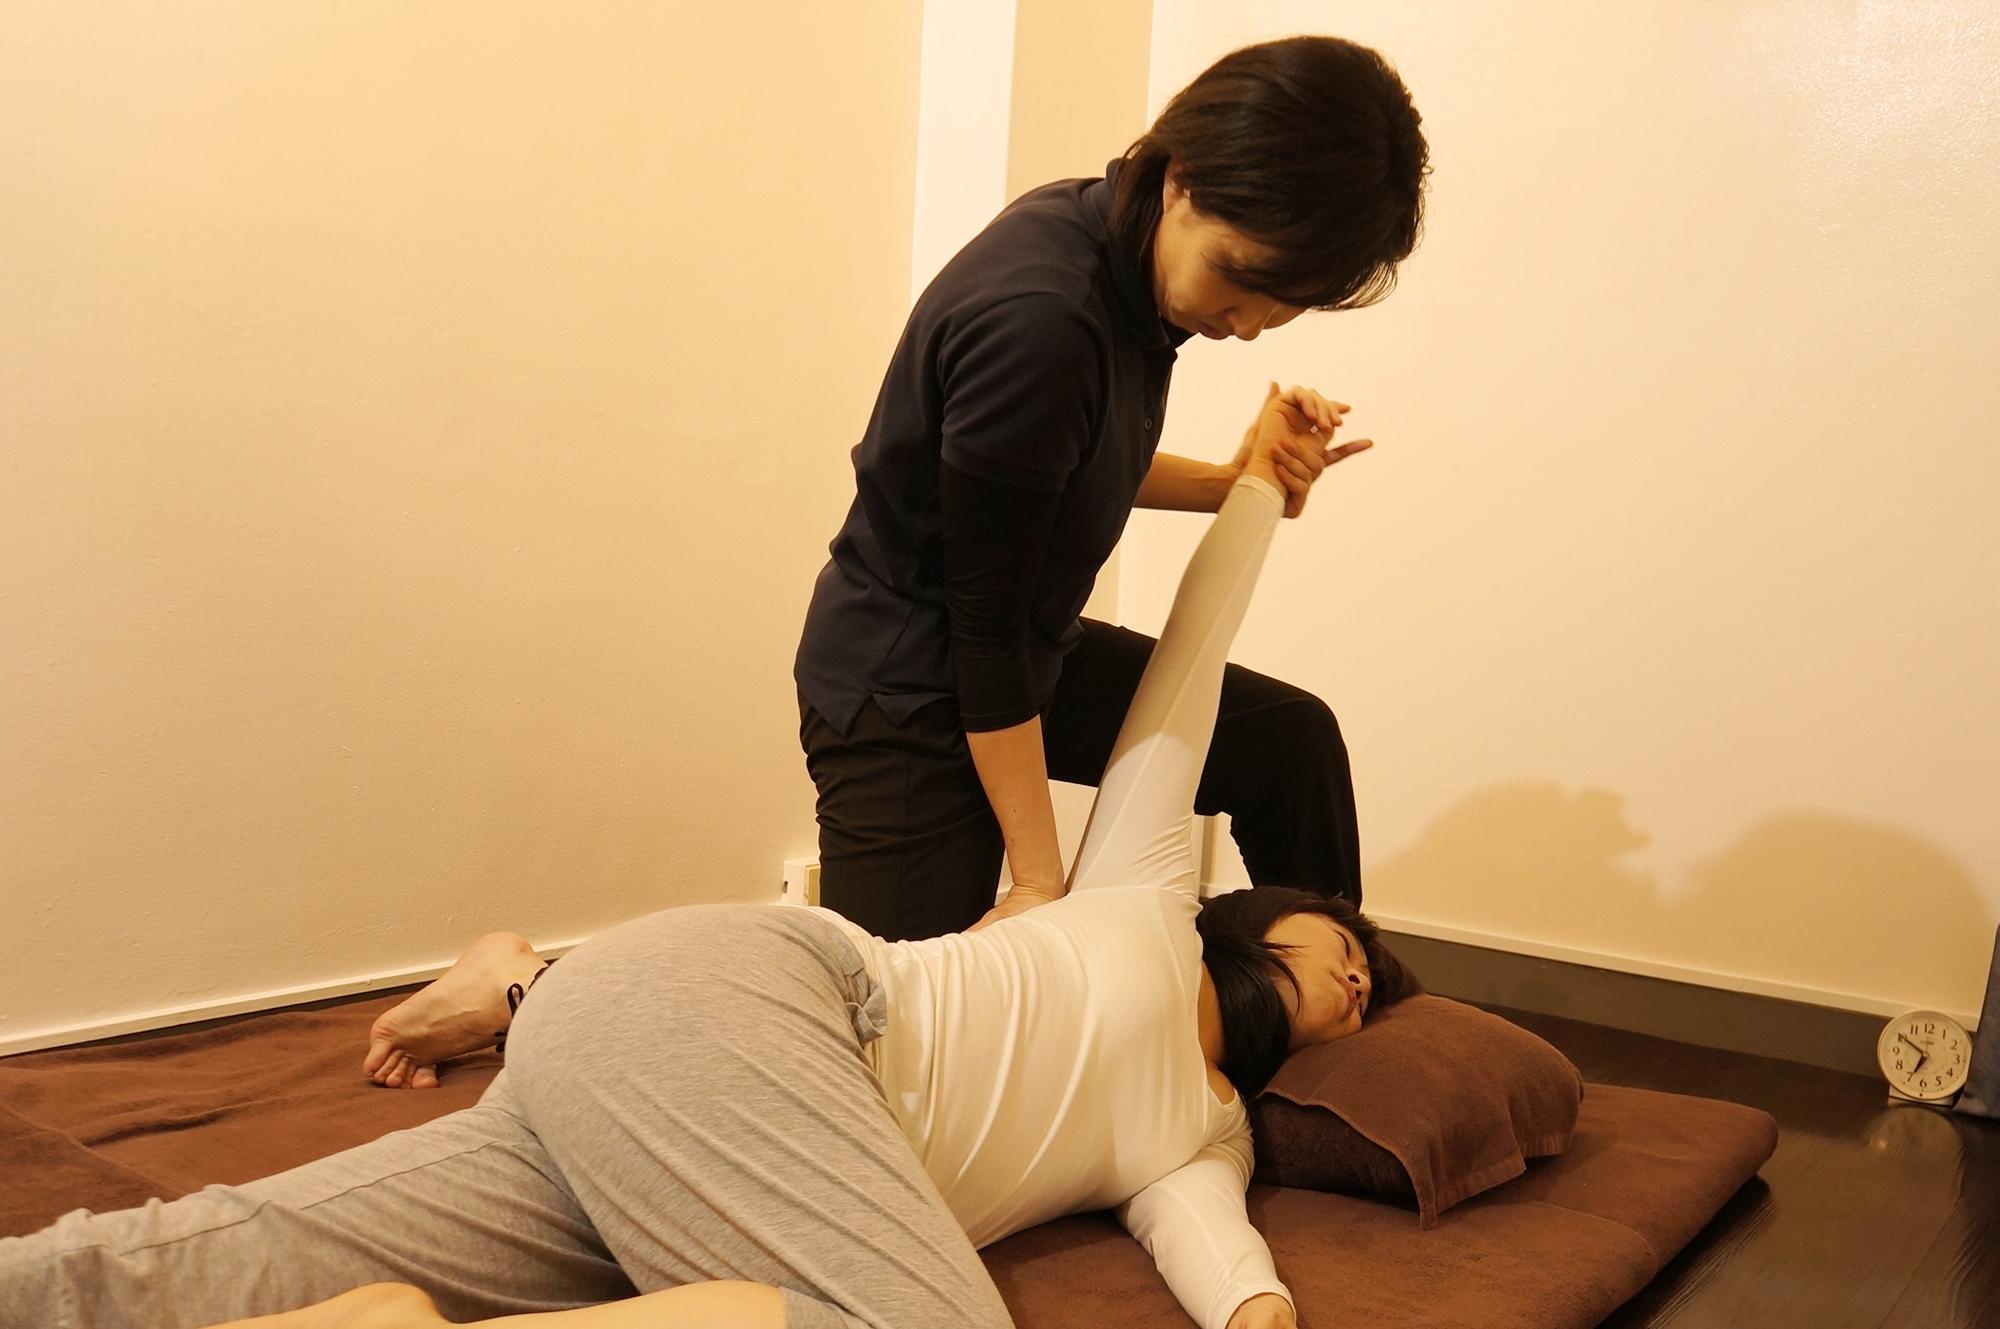 銀座タイ古式整体サロン 肩甲骨の施術中